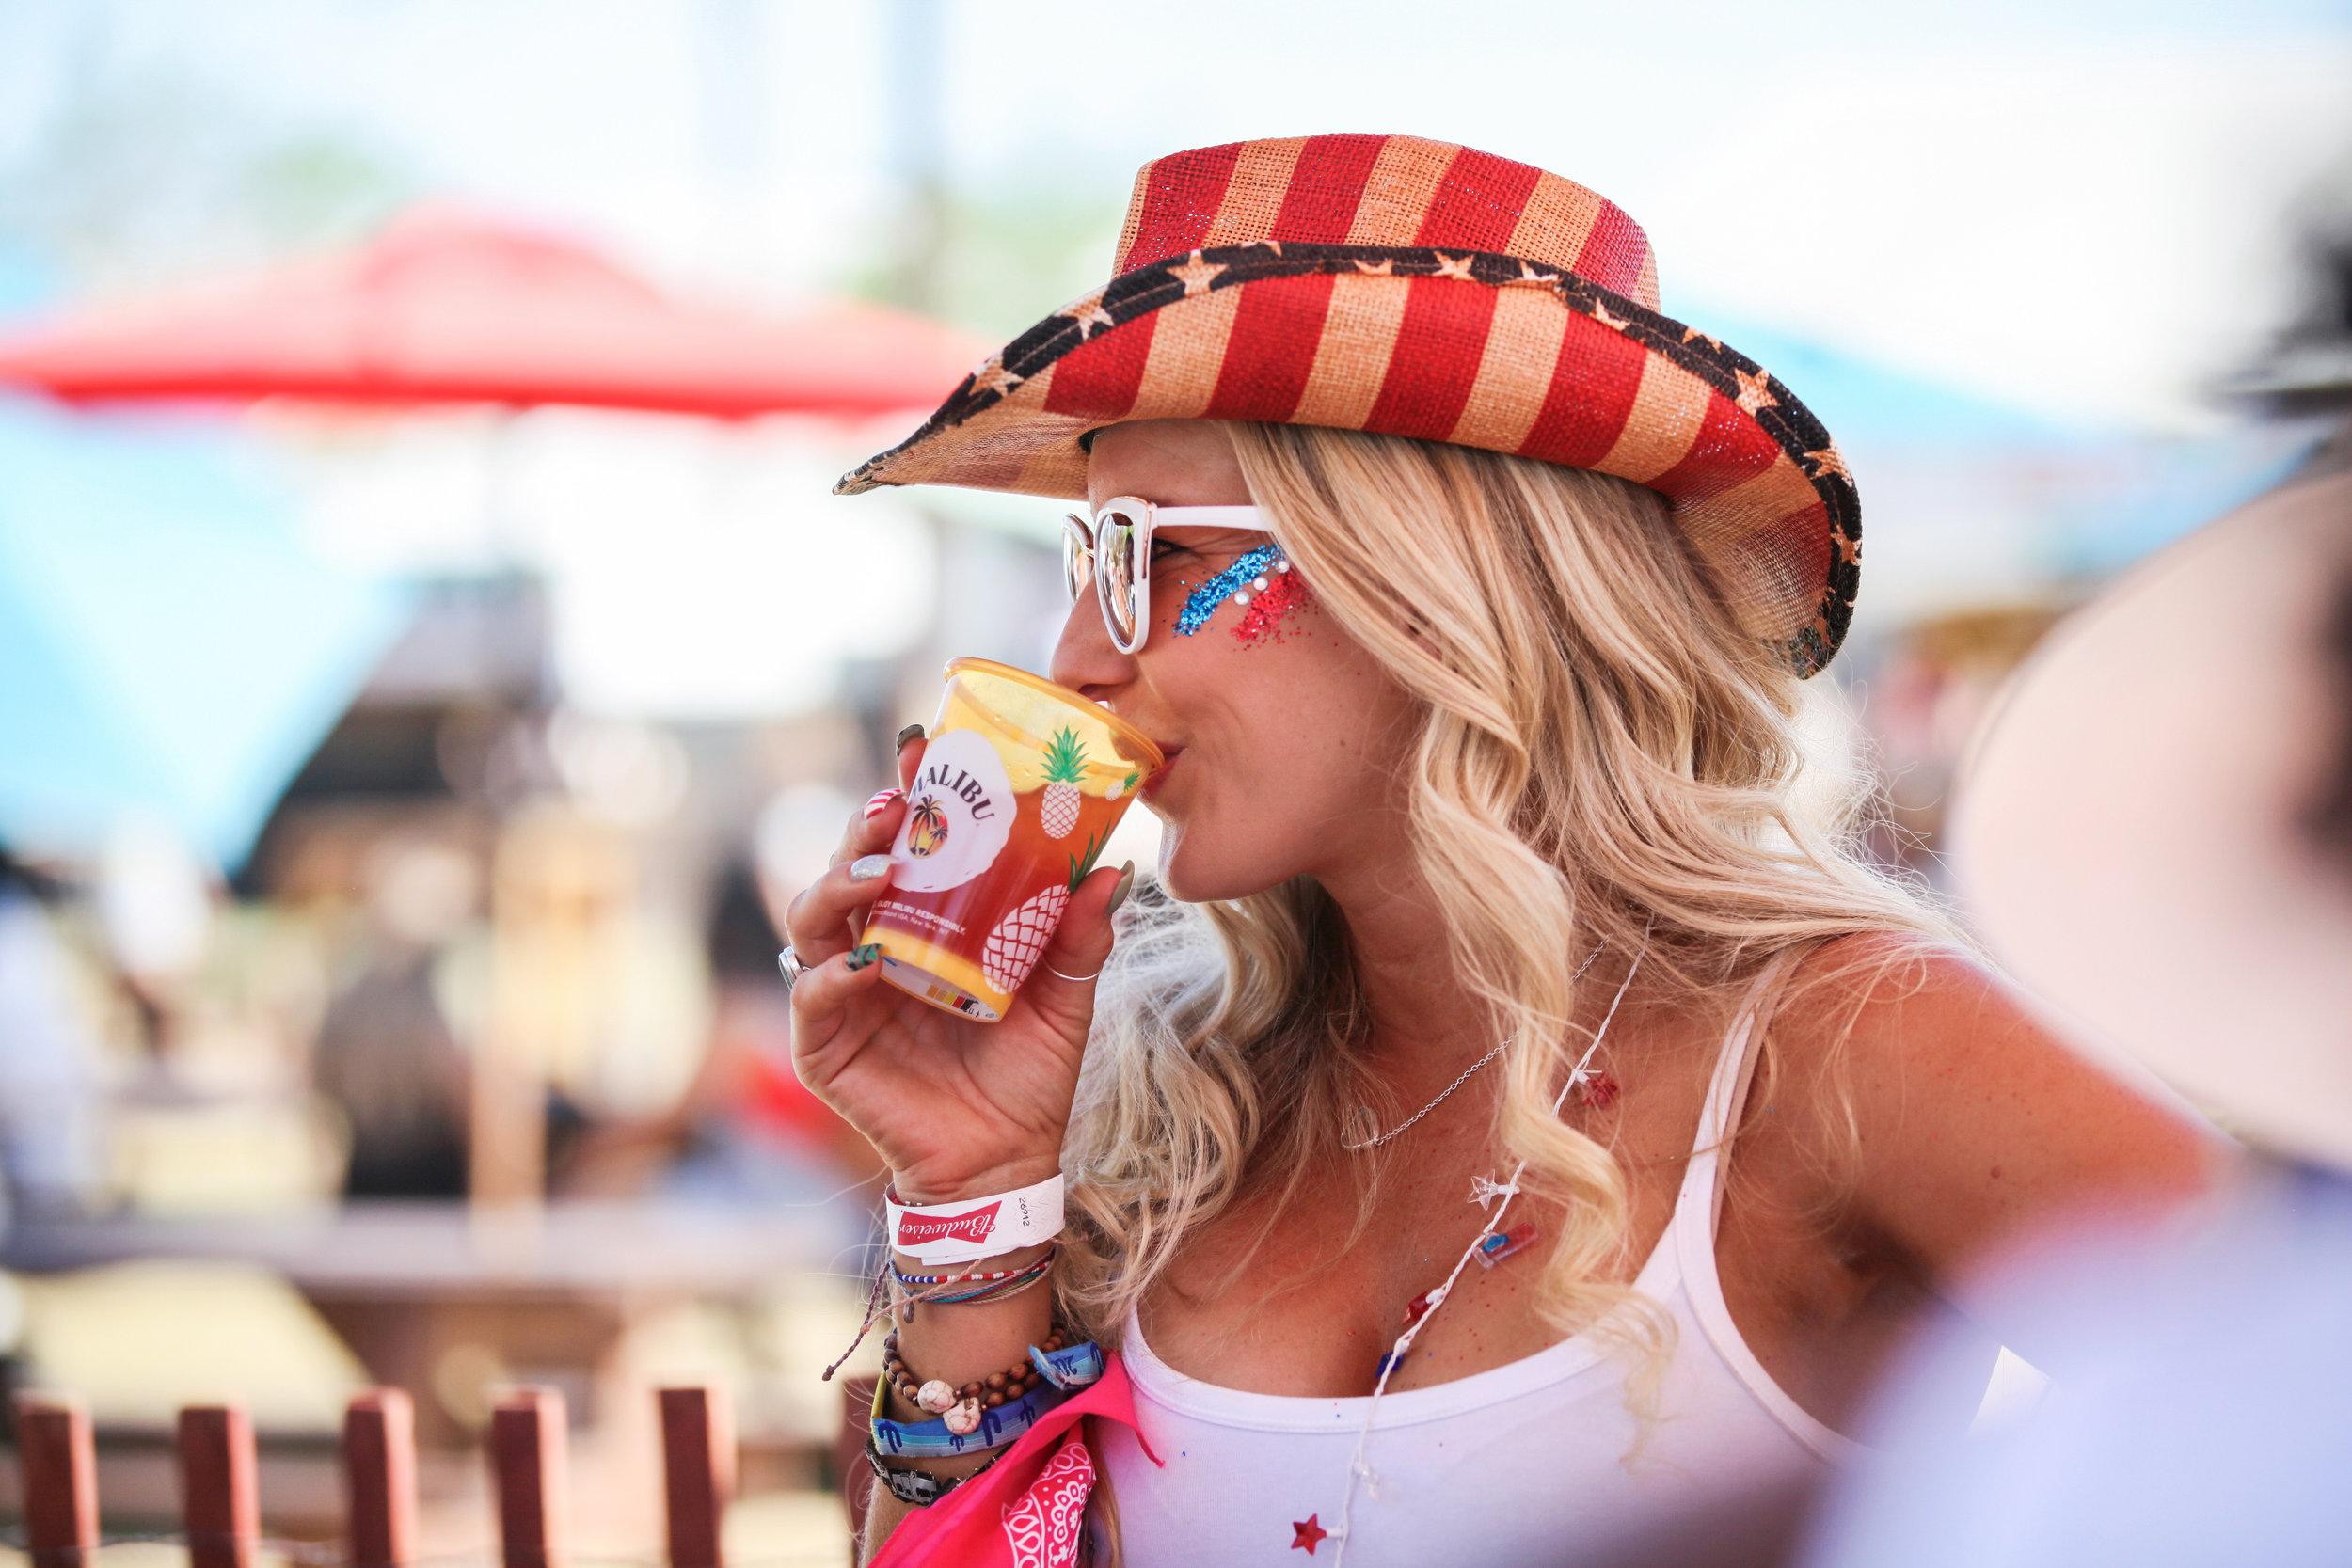 OHelloMedia-Malibu@StagecoachFestival04.26-TopSelect-8048.jpg